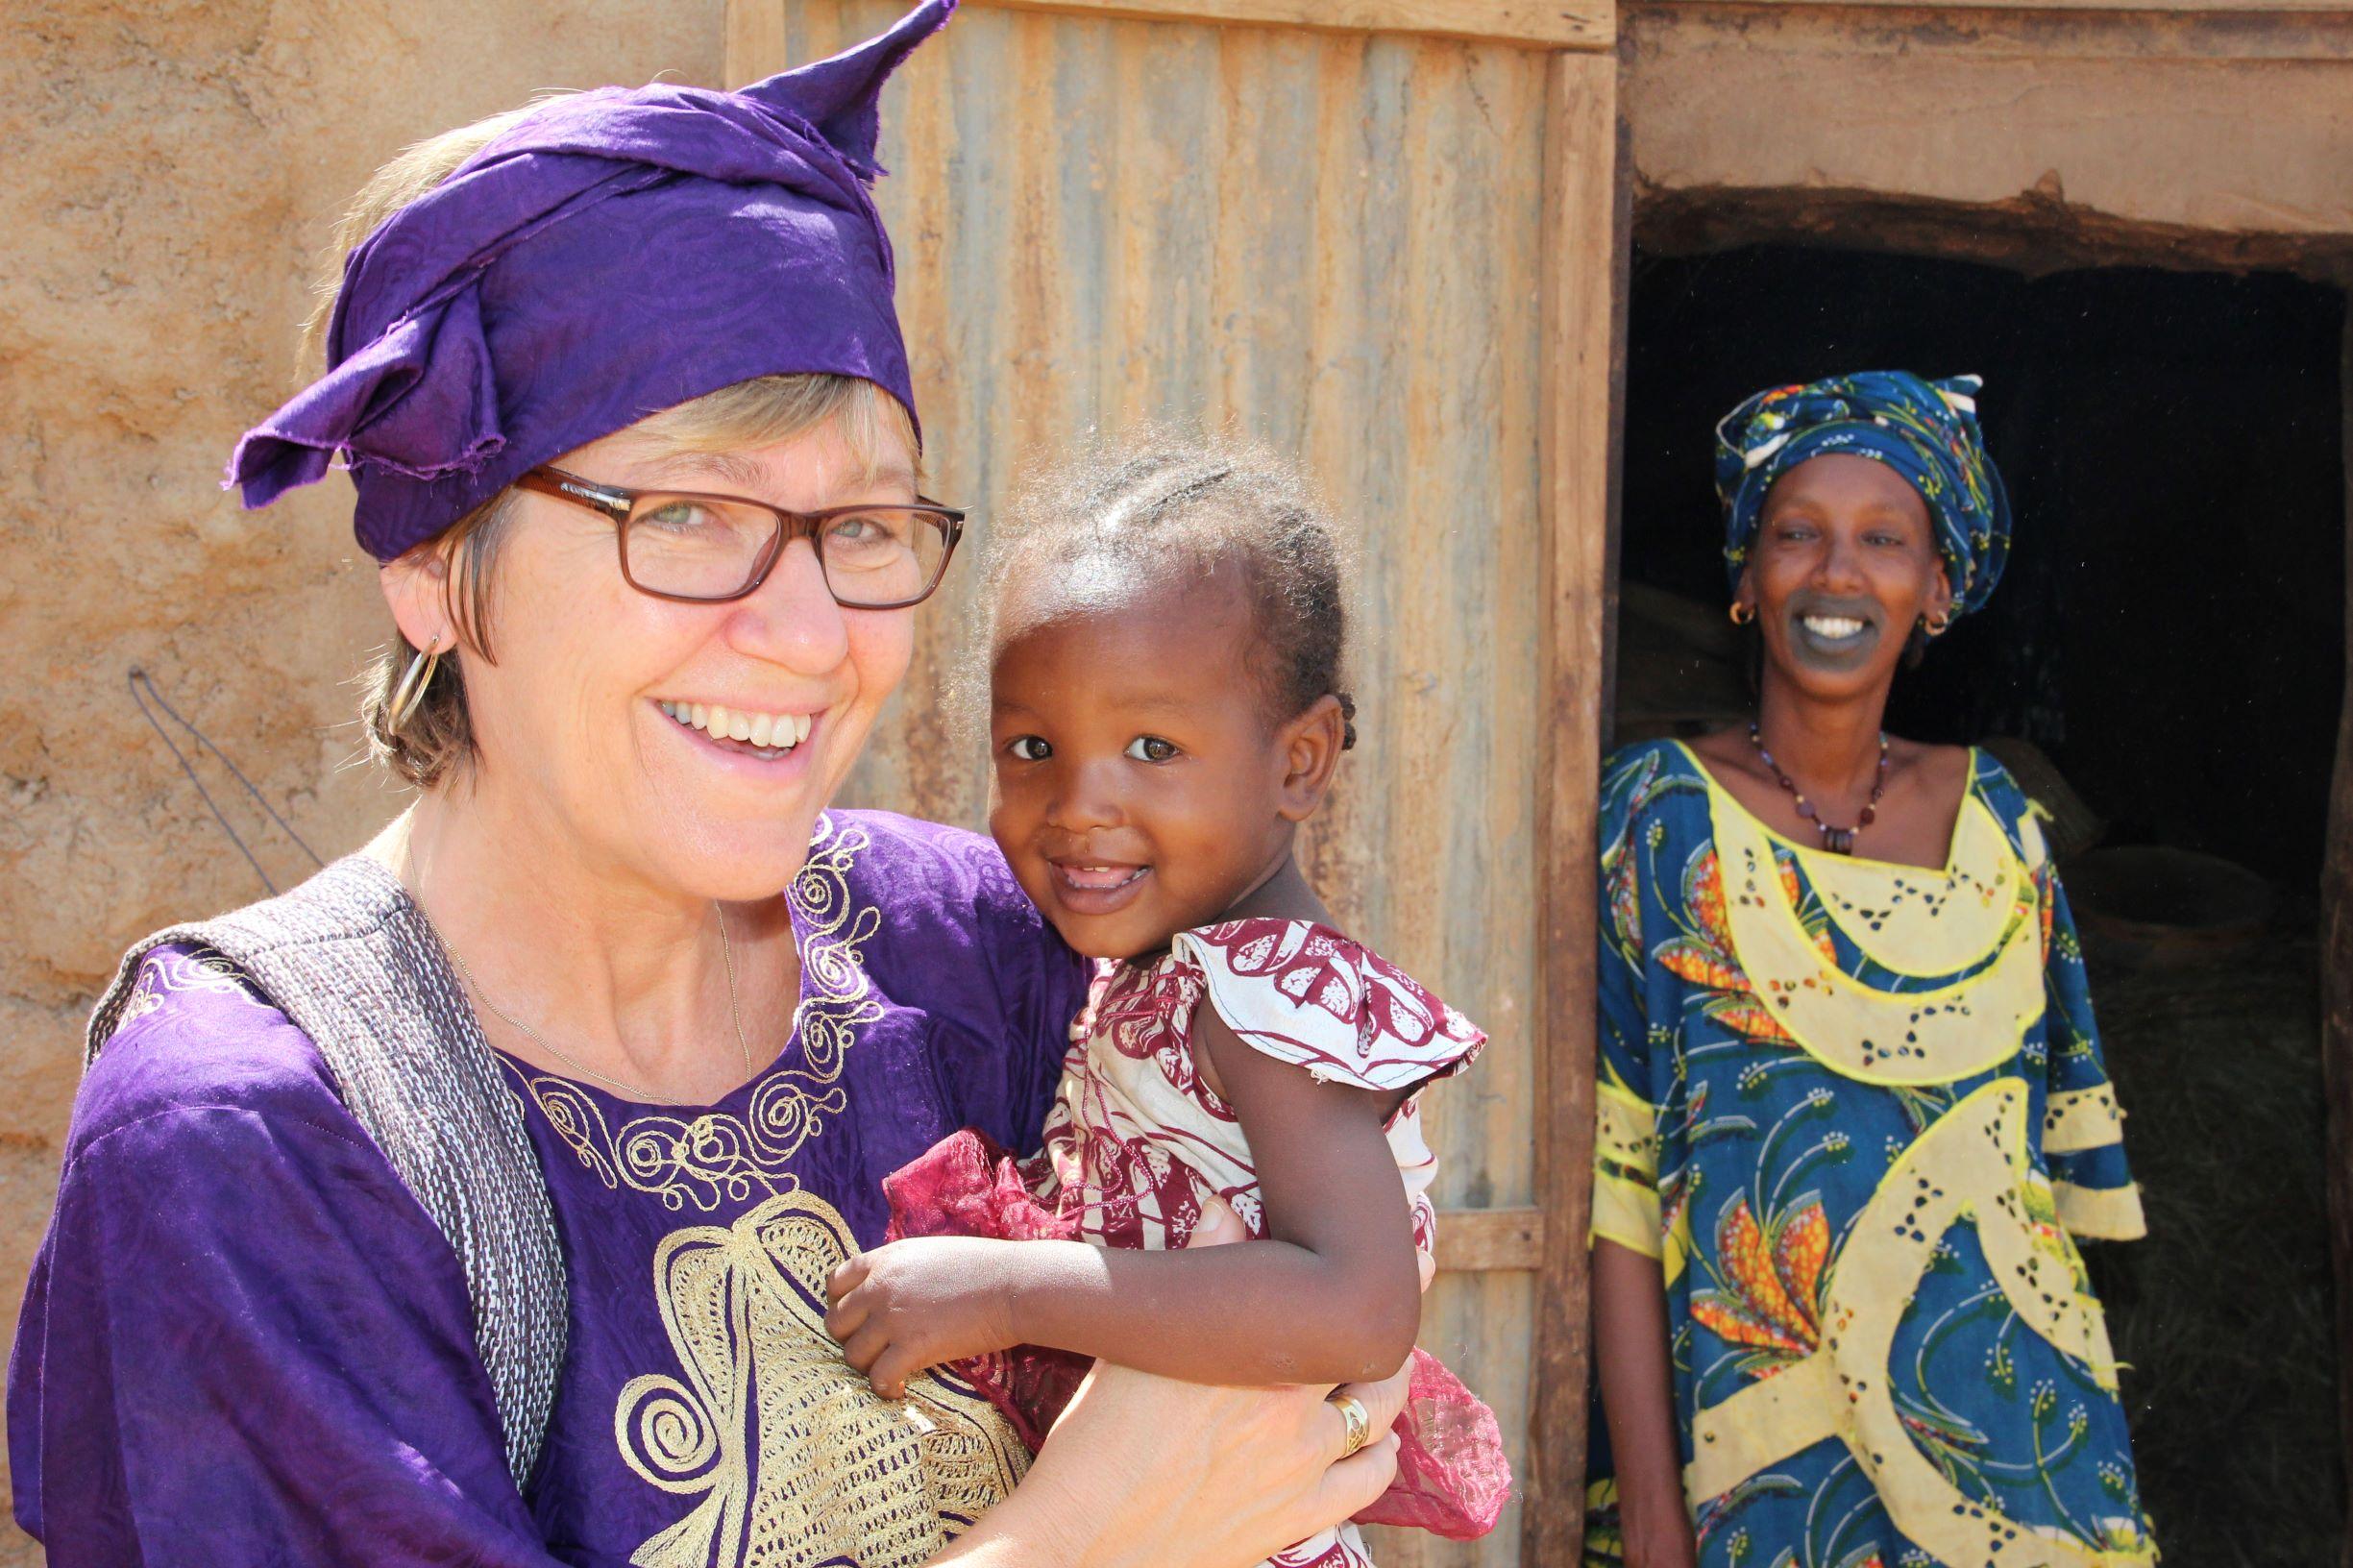 Norsk kvinne holder et mørkhudet barn i Afrika